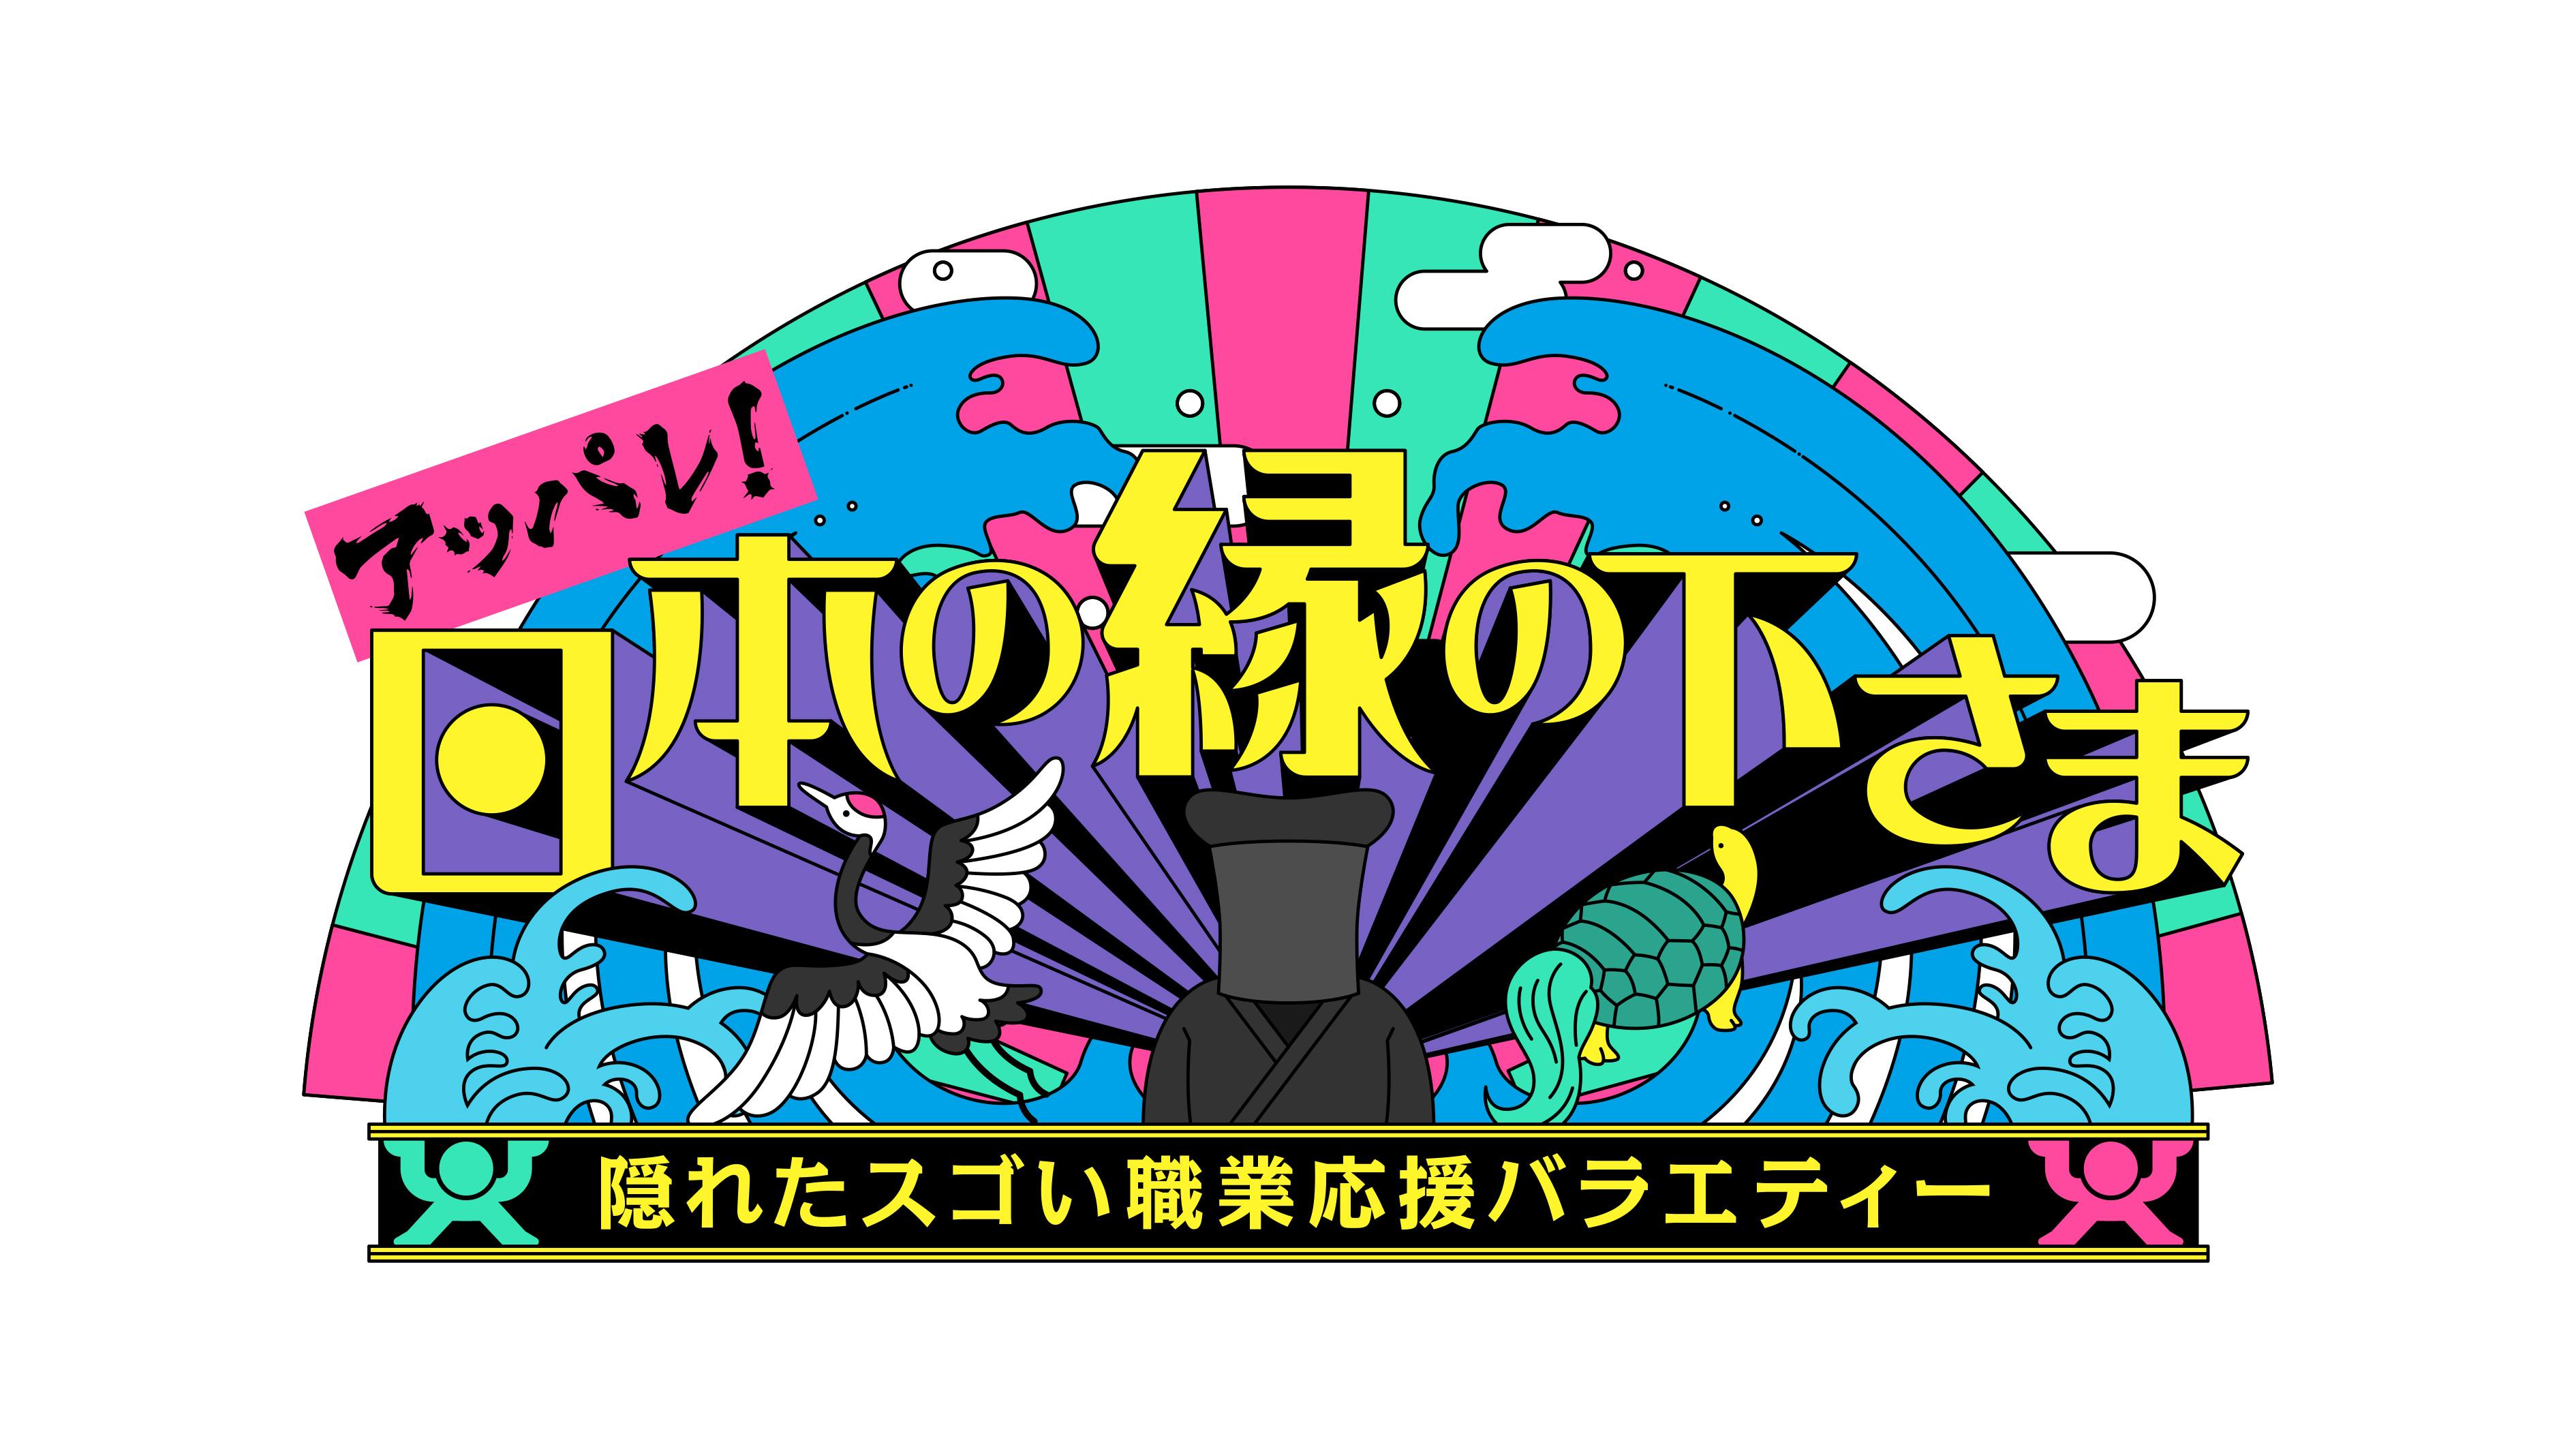 4月6日(金)18:55 O.A. <br>東京テレビ「アッパレ!日本の縁の下さま」